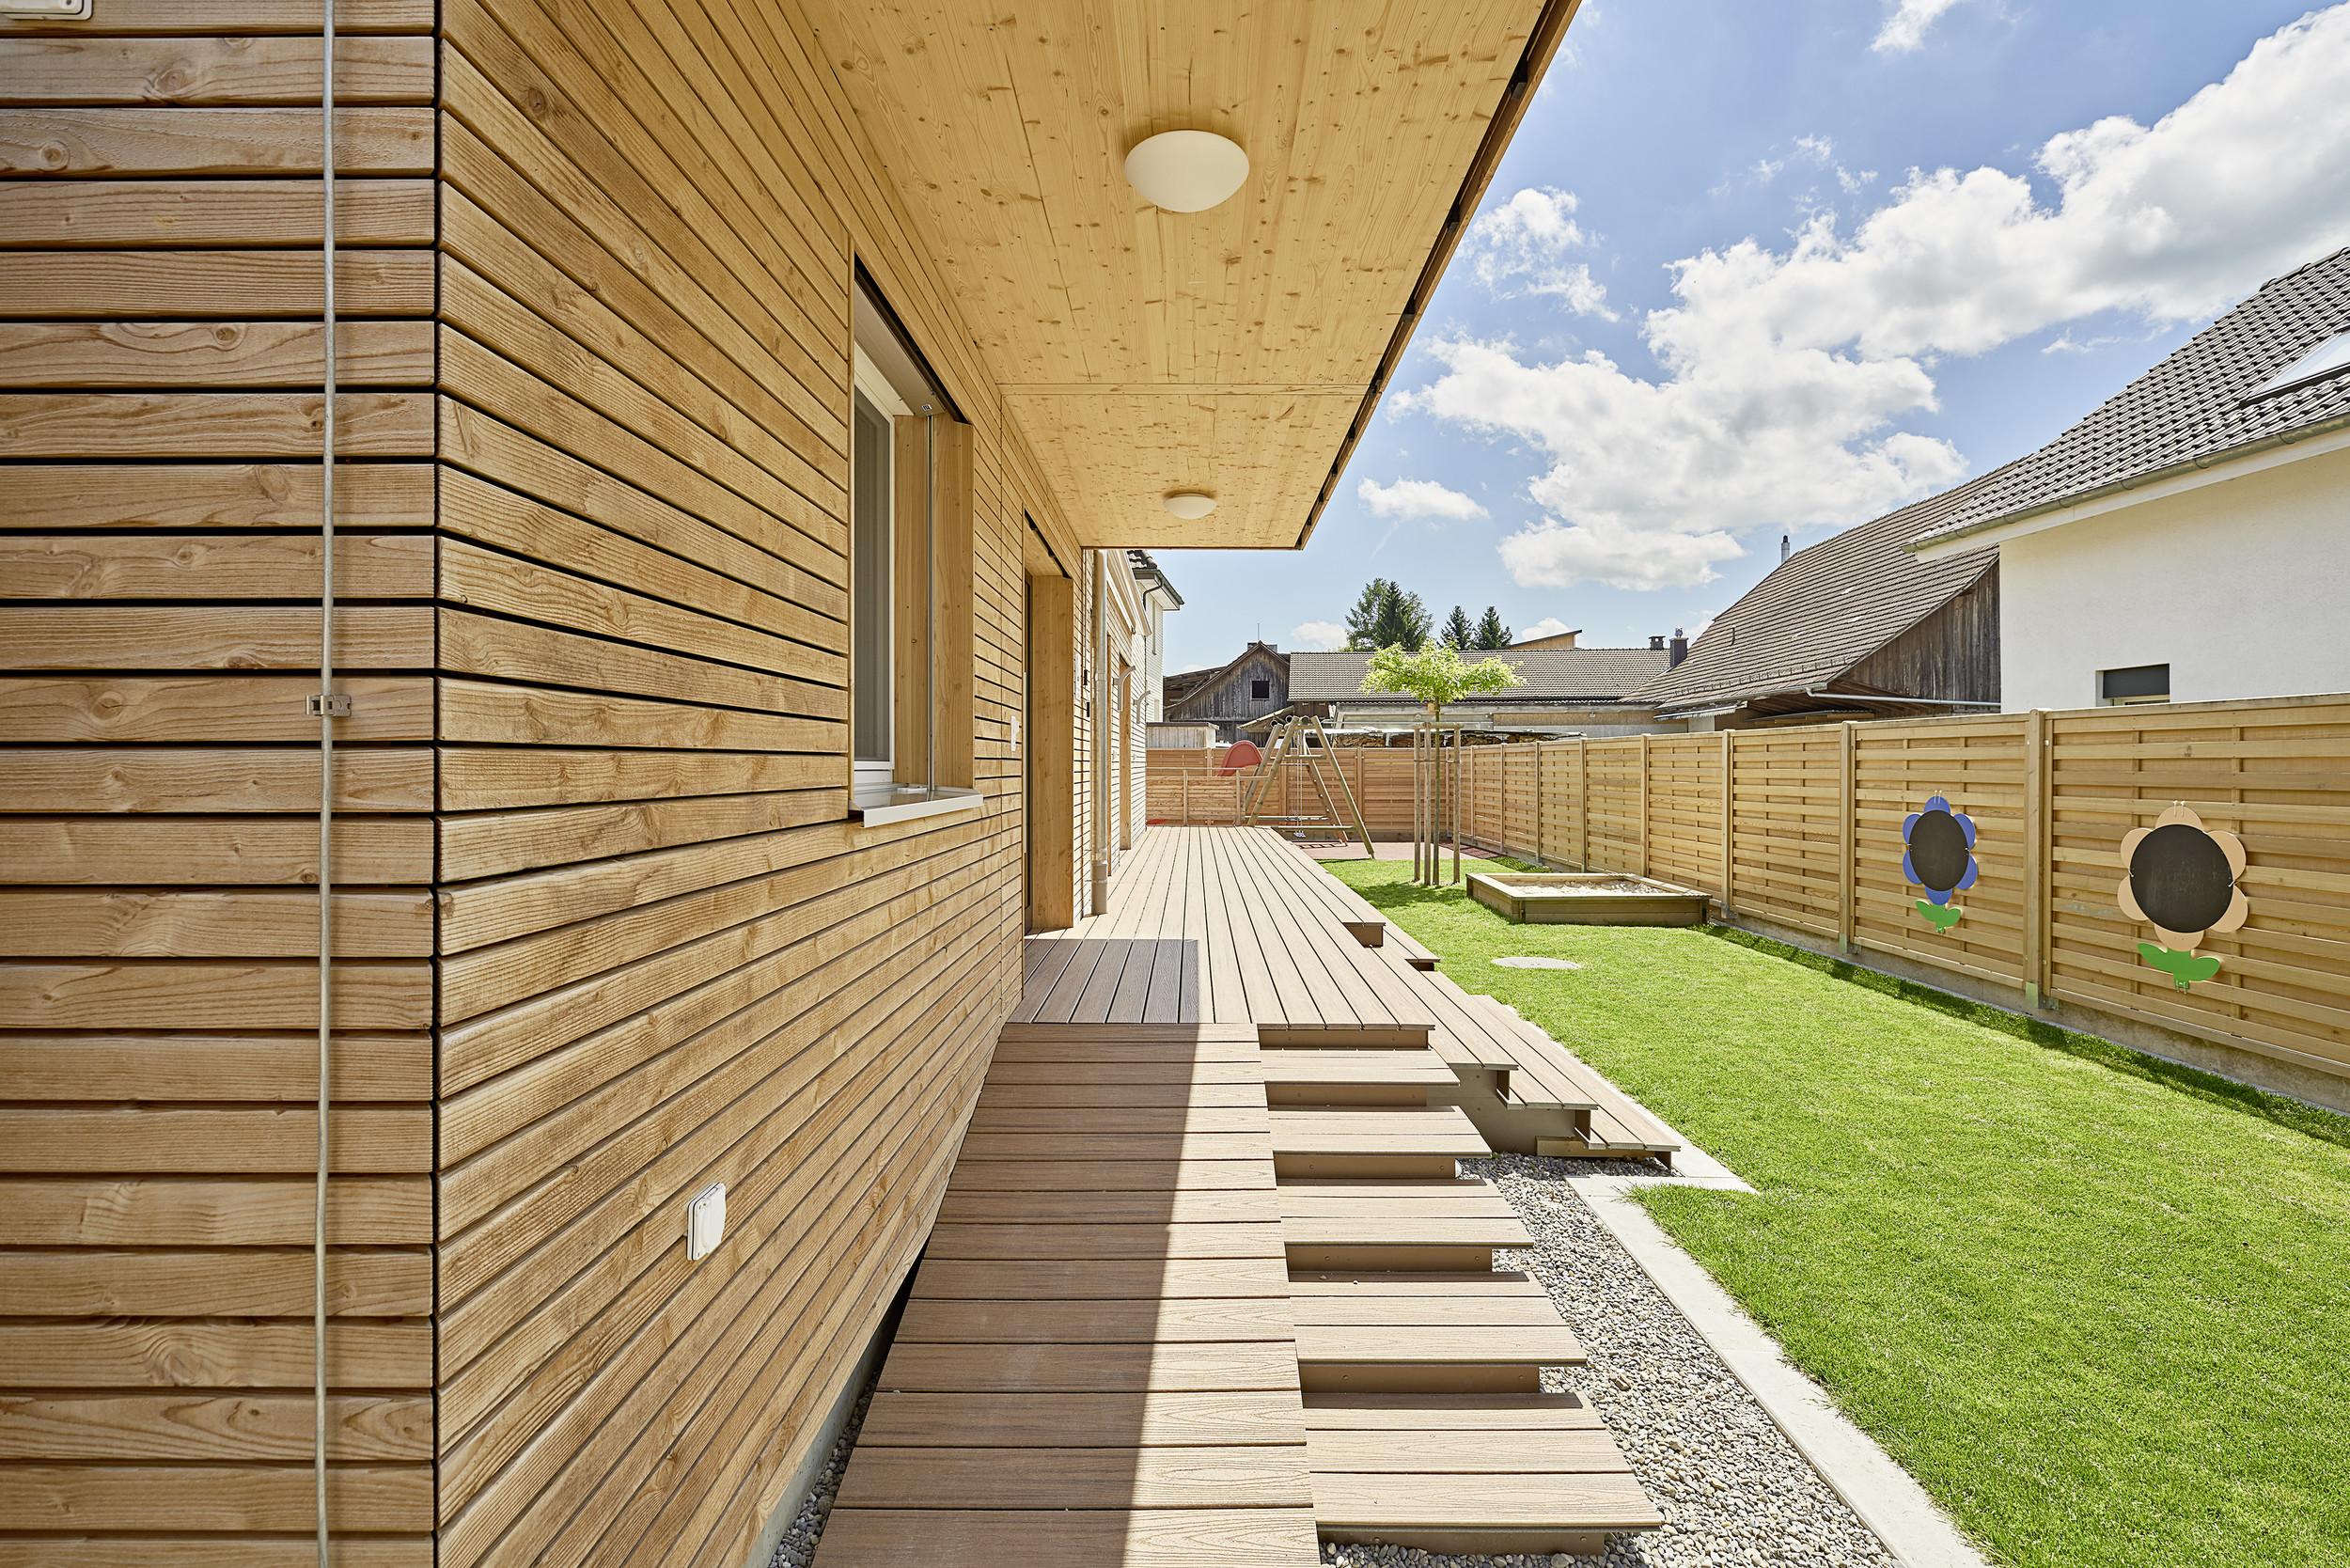 Natürliche Holzfassade von Modulbau einer Kinderkrippe